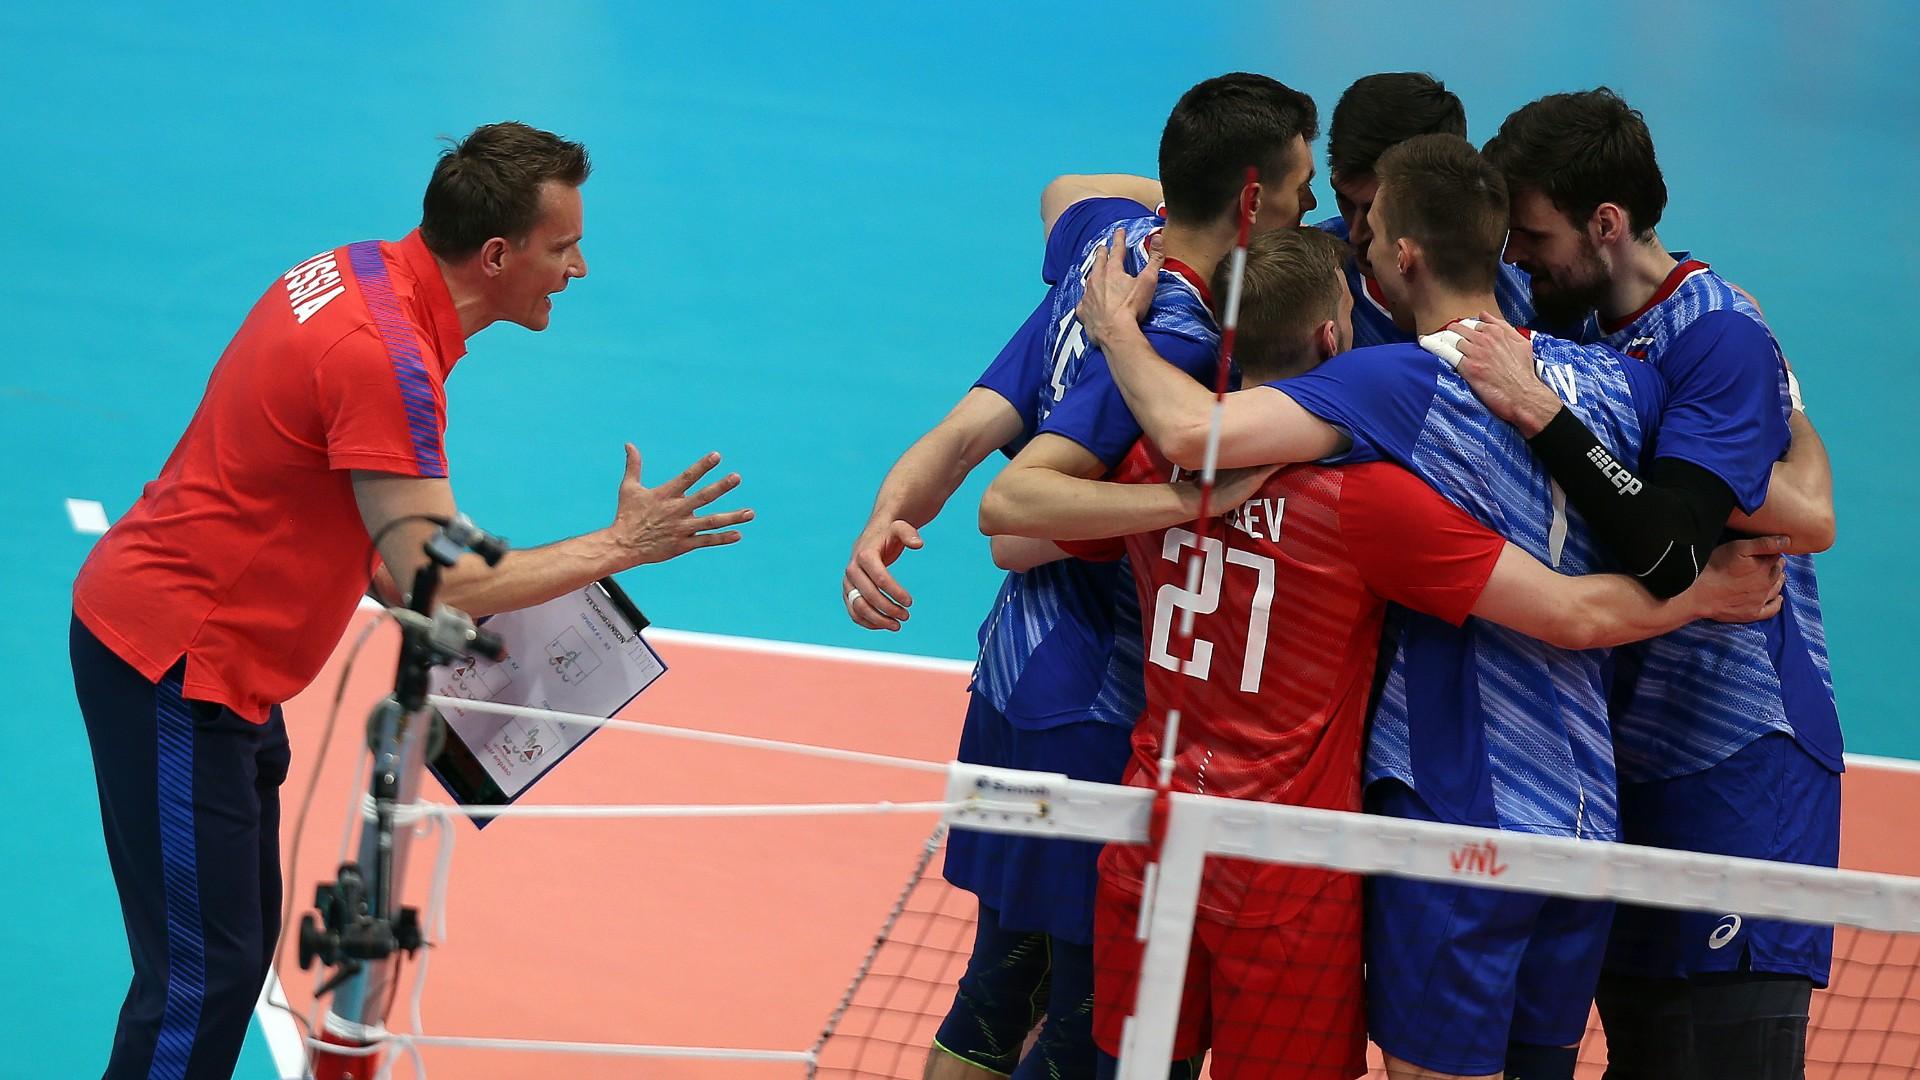 Esimest aastat Venemaa koondist juhendav Sammelvuo tüüris venelased Rahvuste Liigas poolfinaali